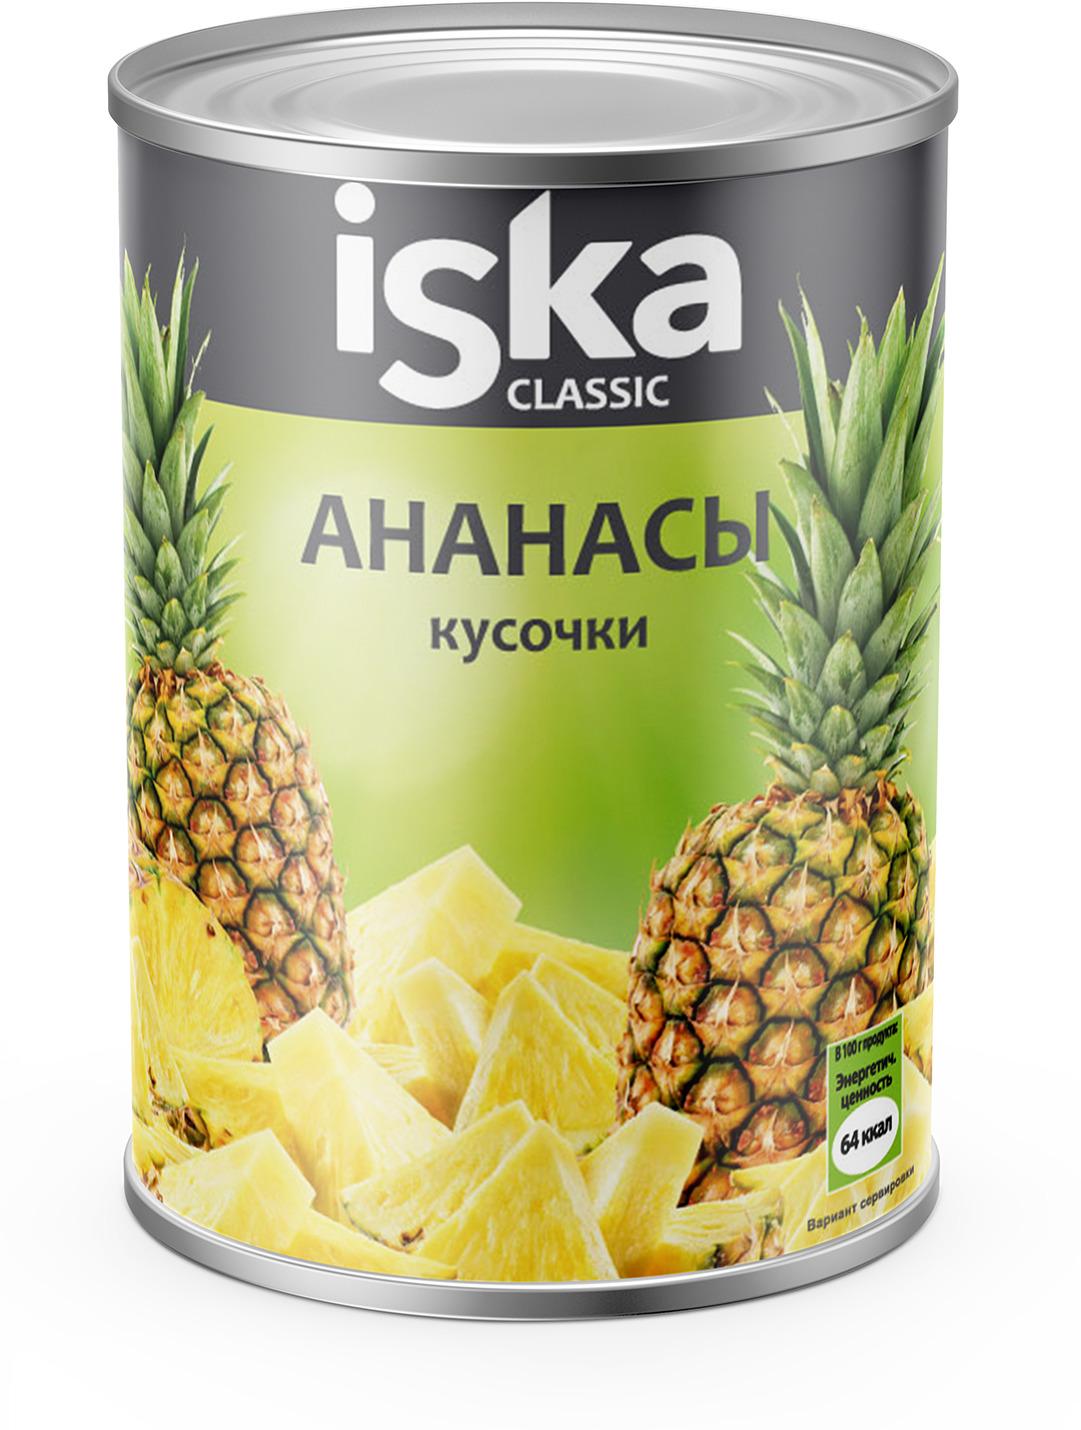 Фруктовые консервы ISKA Ананасы кусочки, 565 г